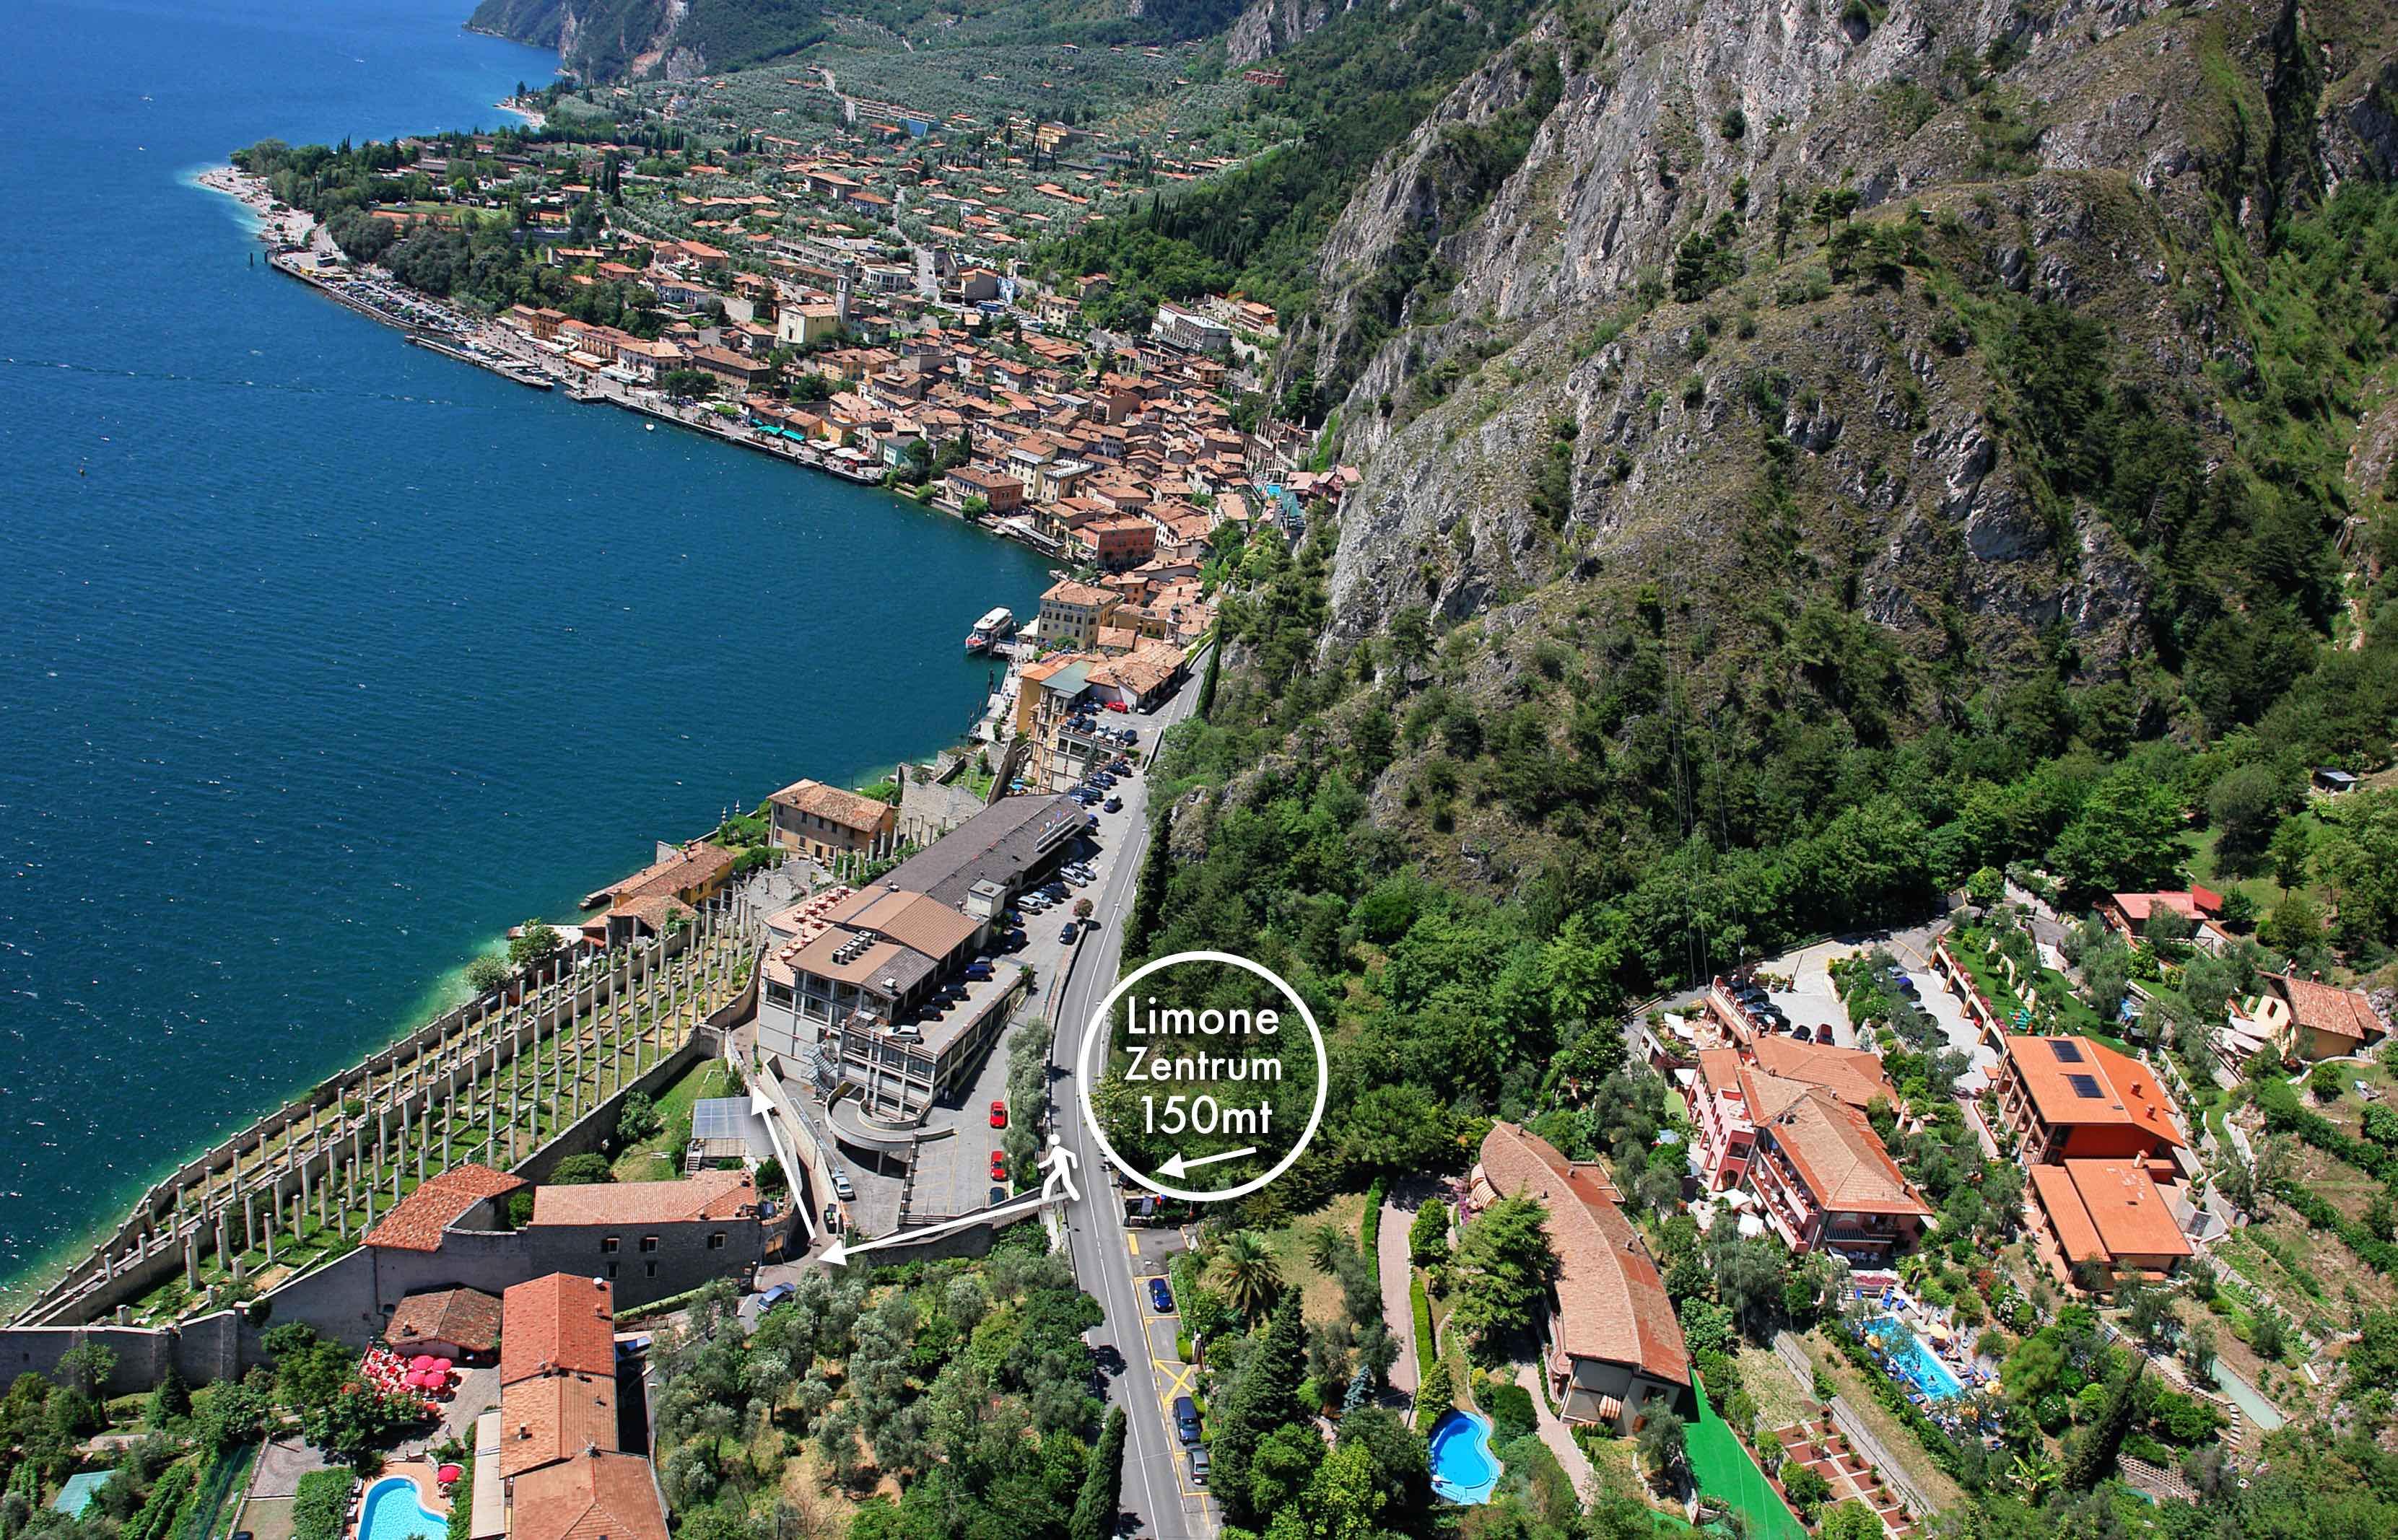 Karte Gardasee Limone Relax Hotels